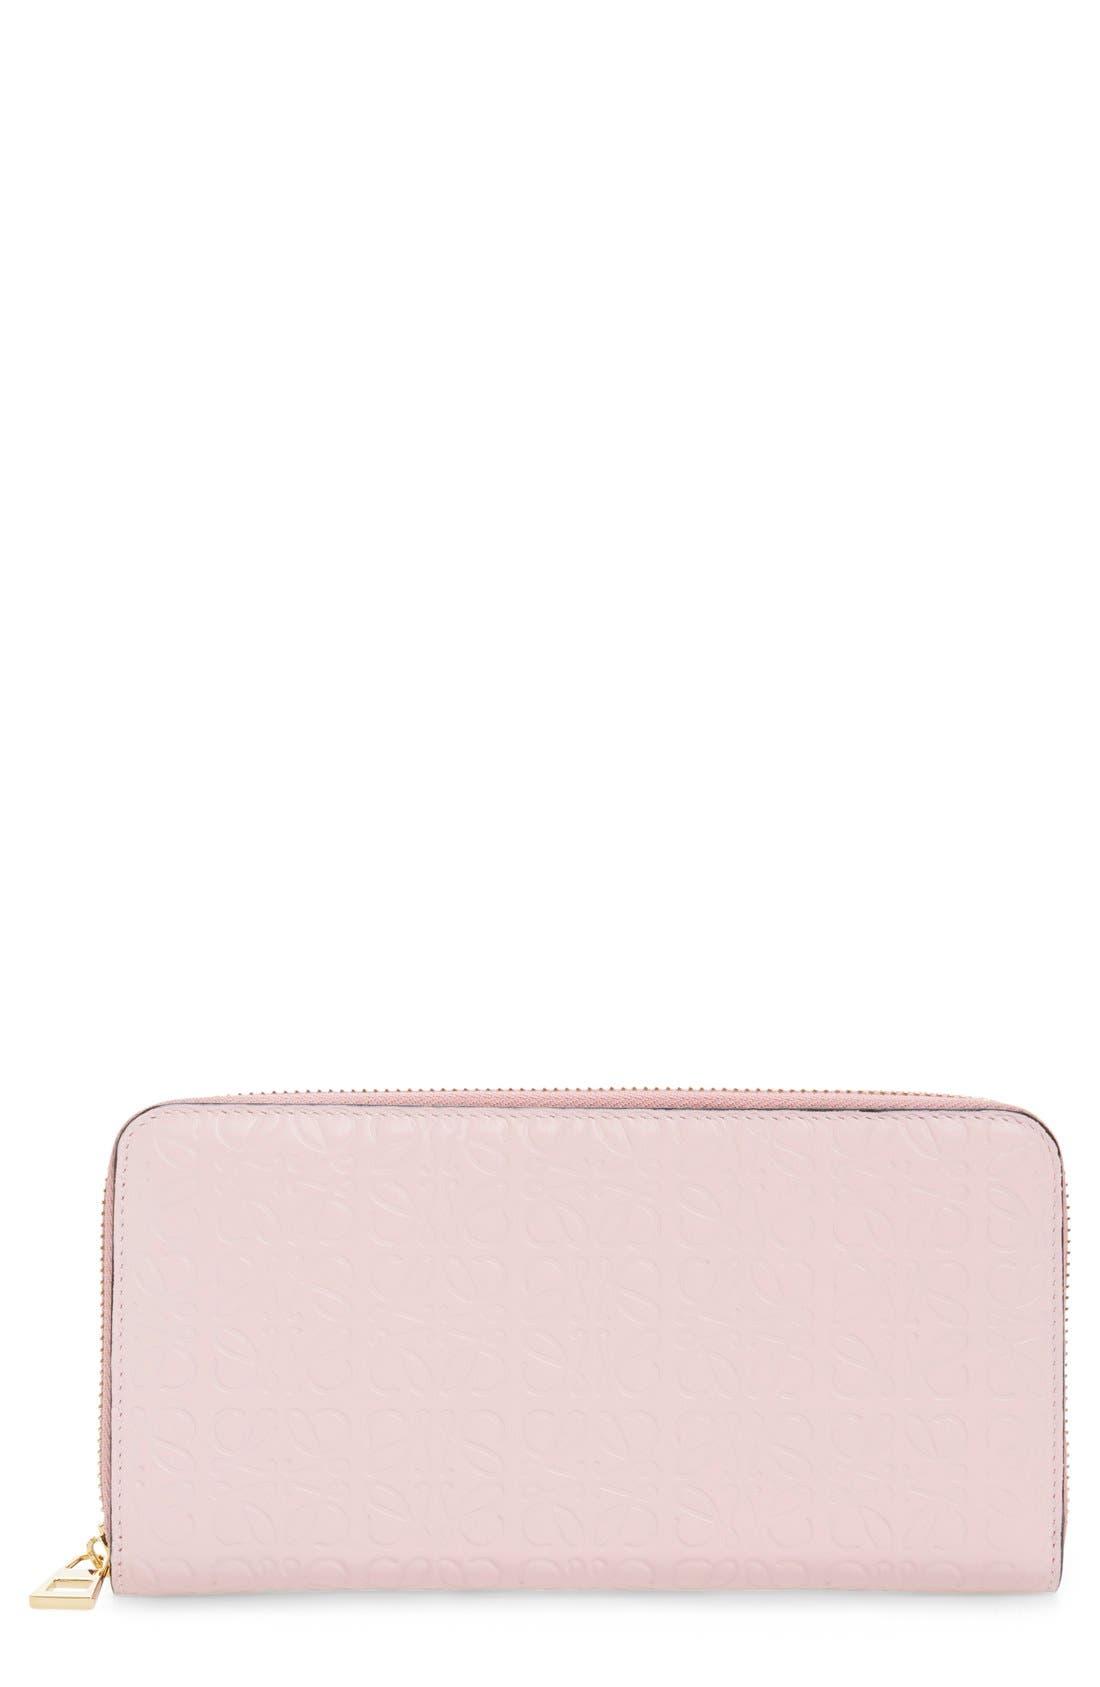 Alternate Image 1 Selected - Loewe Leather Zip Around Wallet